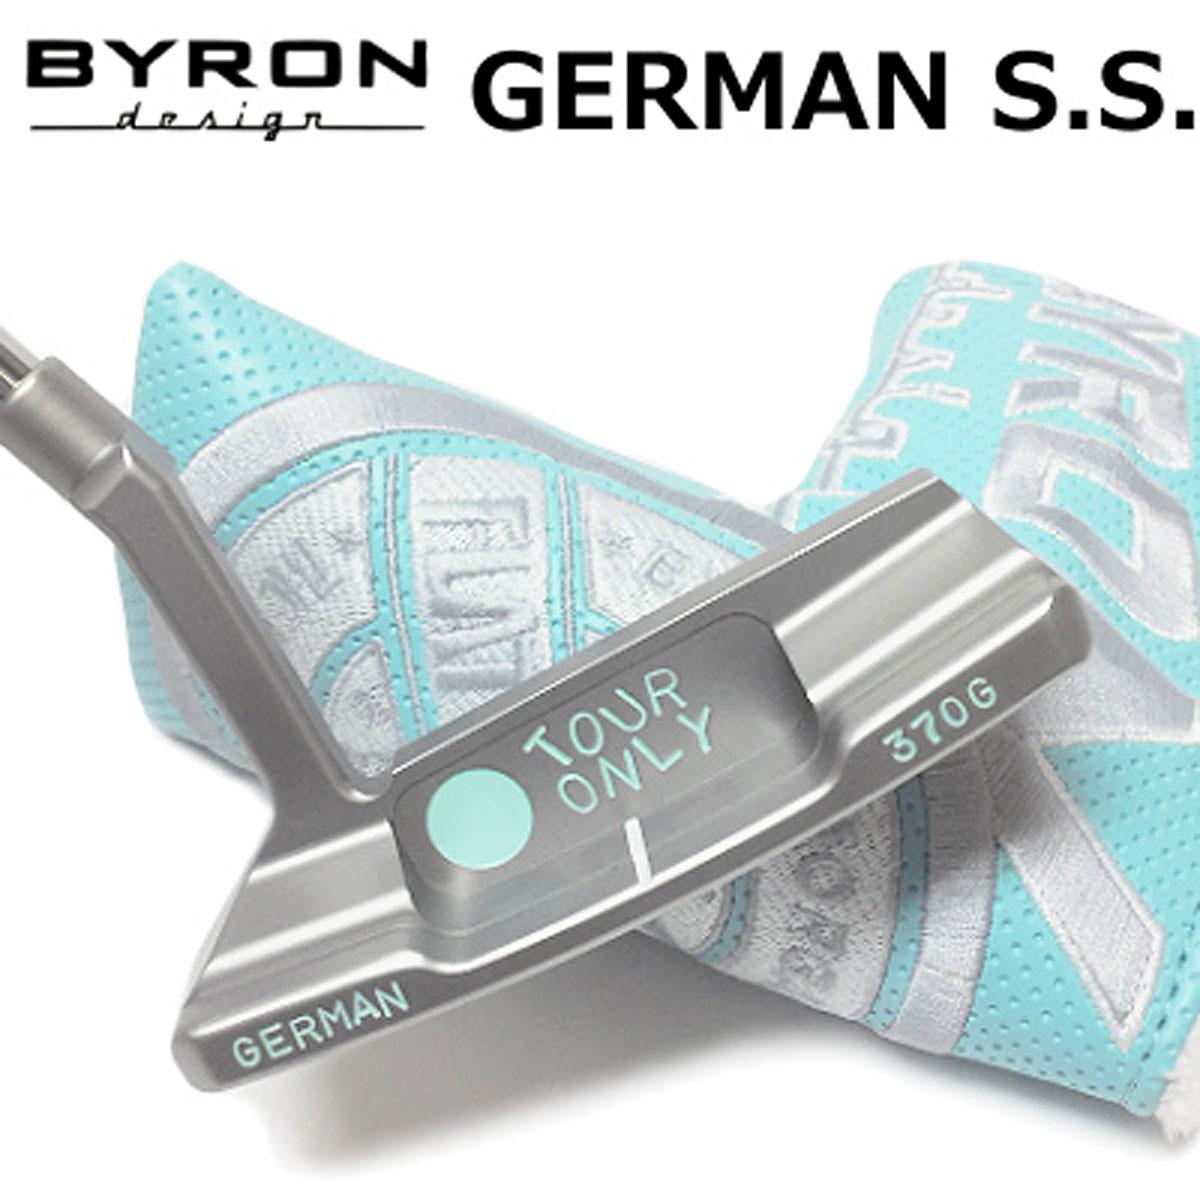 【【最大3300円OFFクーポン】】BYRON design(バイロンデザイン) GSSパター ベイビーブルー刻印 GERMAN S.S. 370G Baby Blue